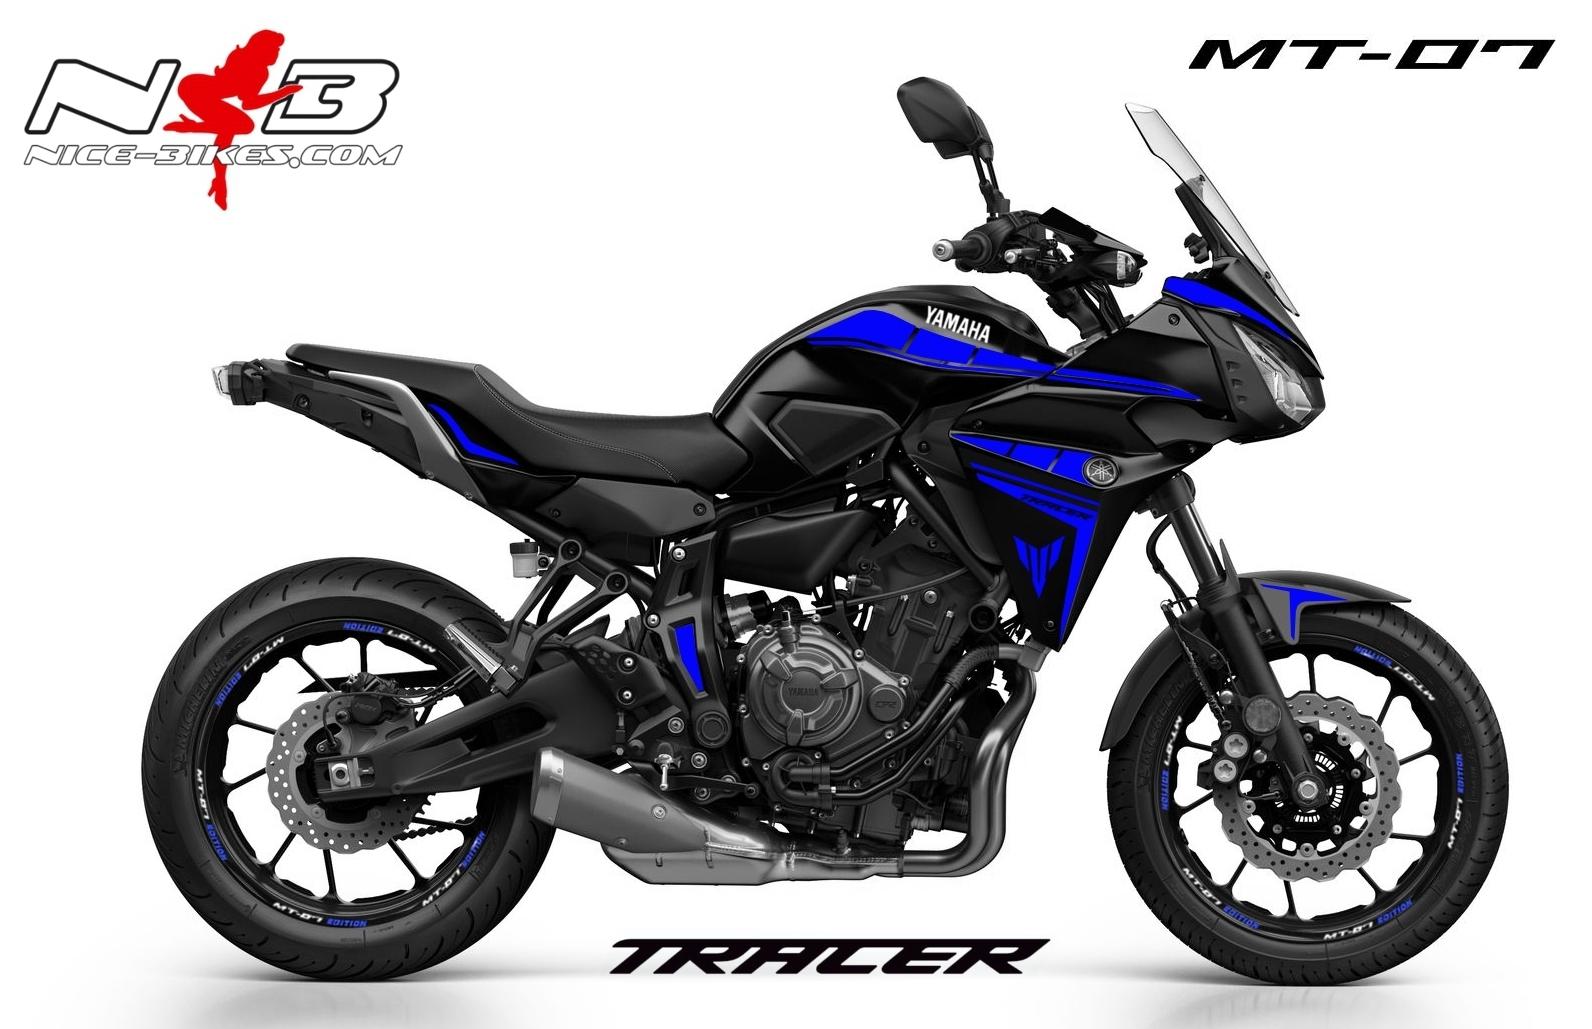 MT07 Tracer blau auf schwarzer Maschine